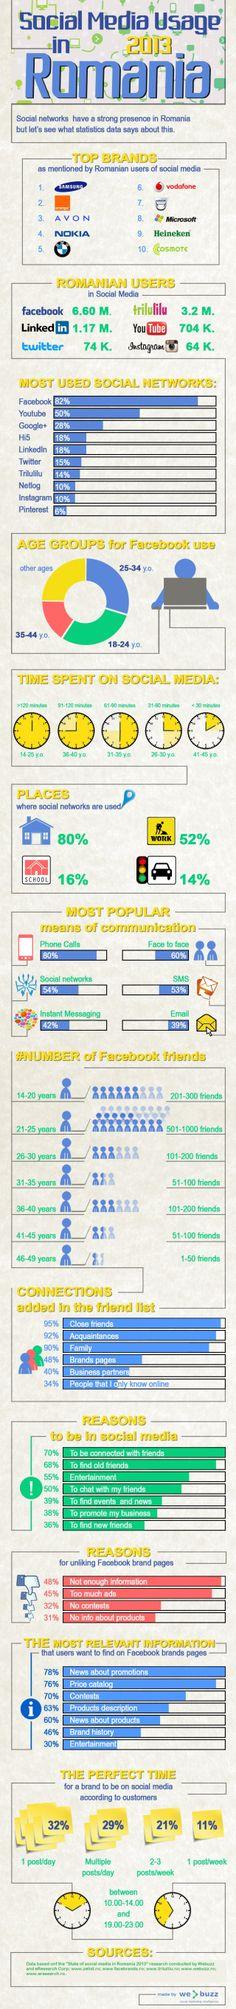 Social Media usage in Romania 2013 #infografia #infographic #socialmedia